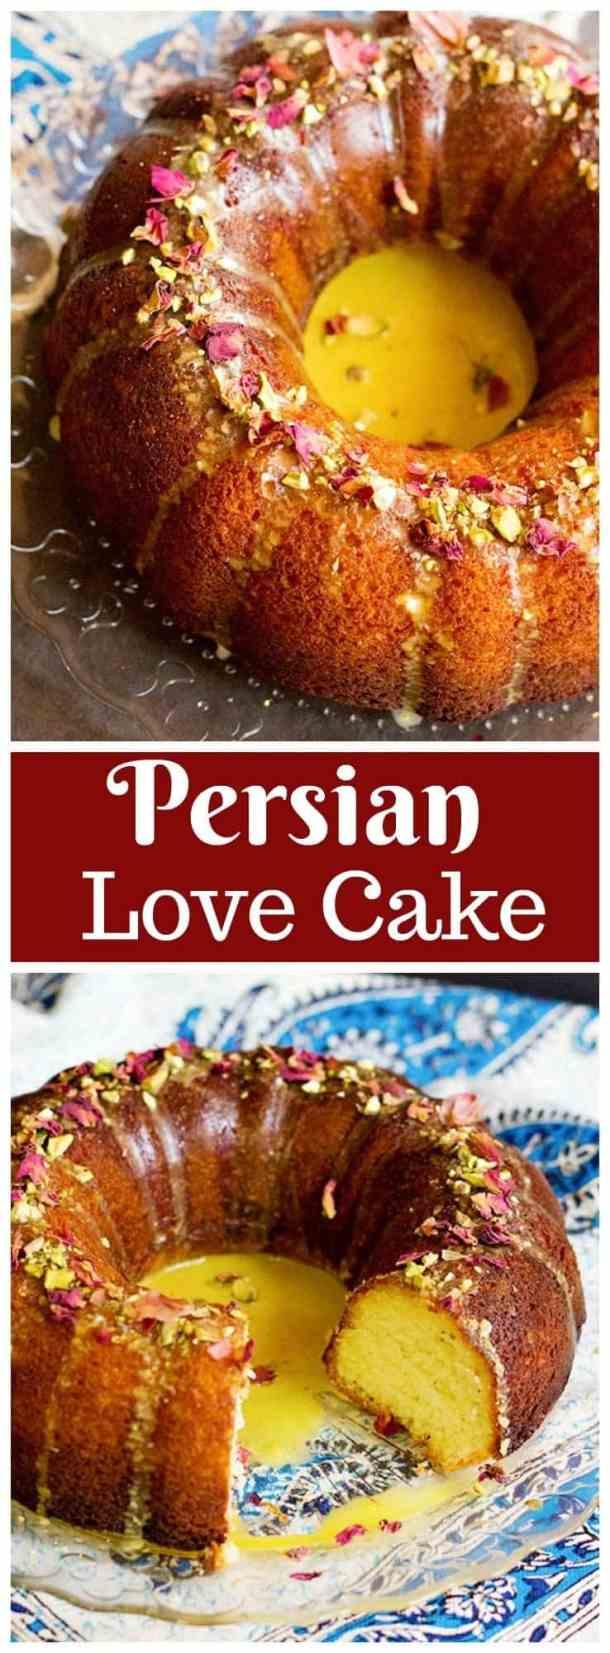 Persian Love Cake | Persian Love Cake Recipe | Persian Love Cake Wedding | Persian Love Cake Rose | Persian Love Cake Bundt | Persian Valentine | Unicornsinthekitchen.com